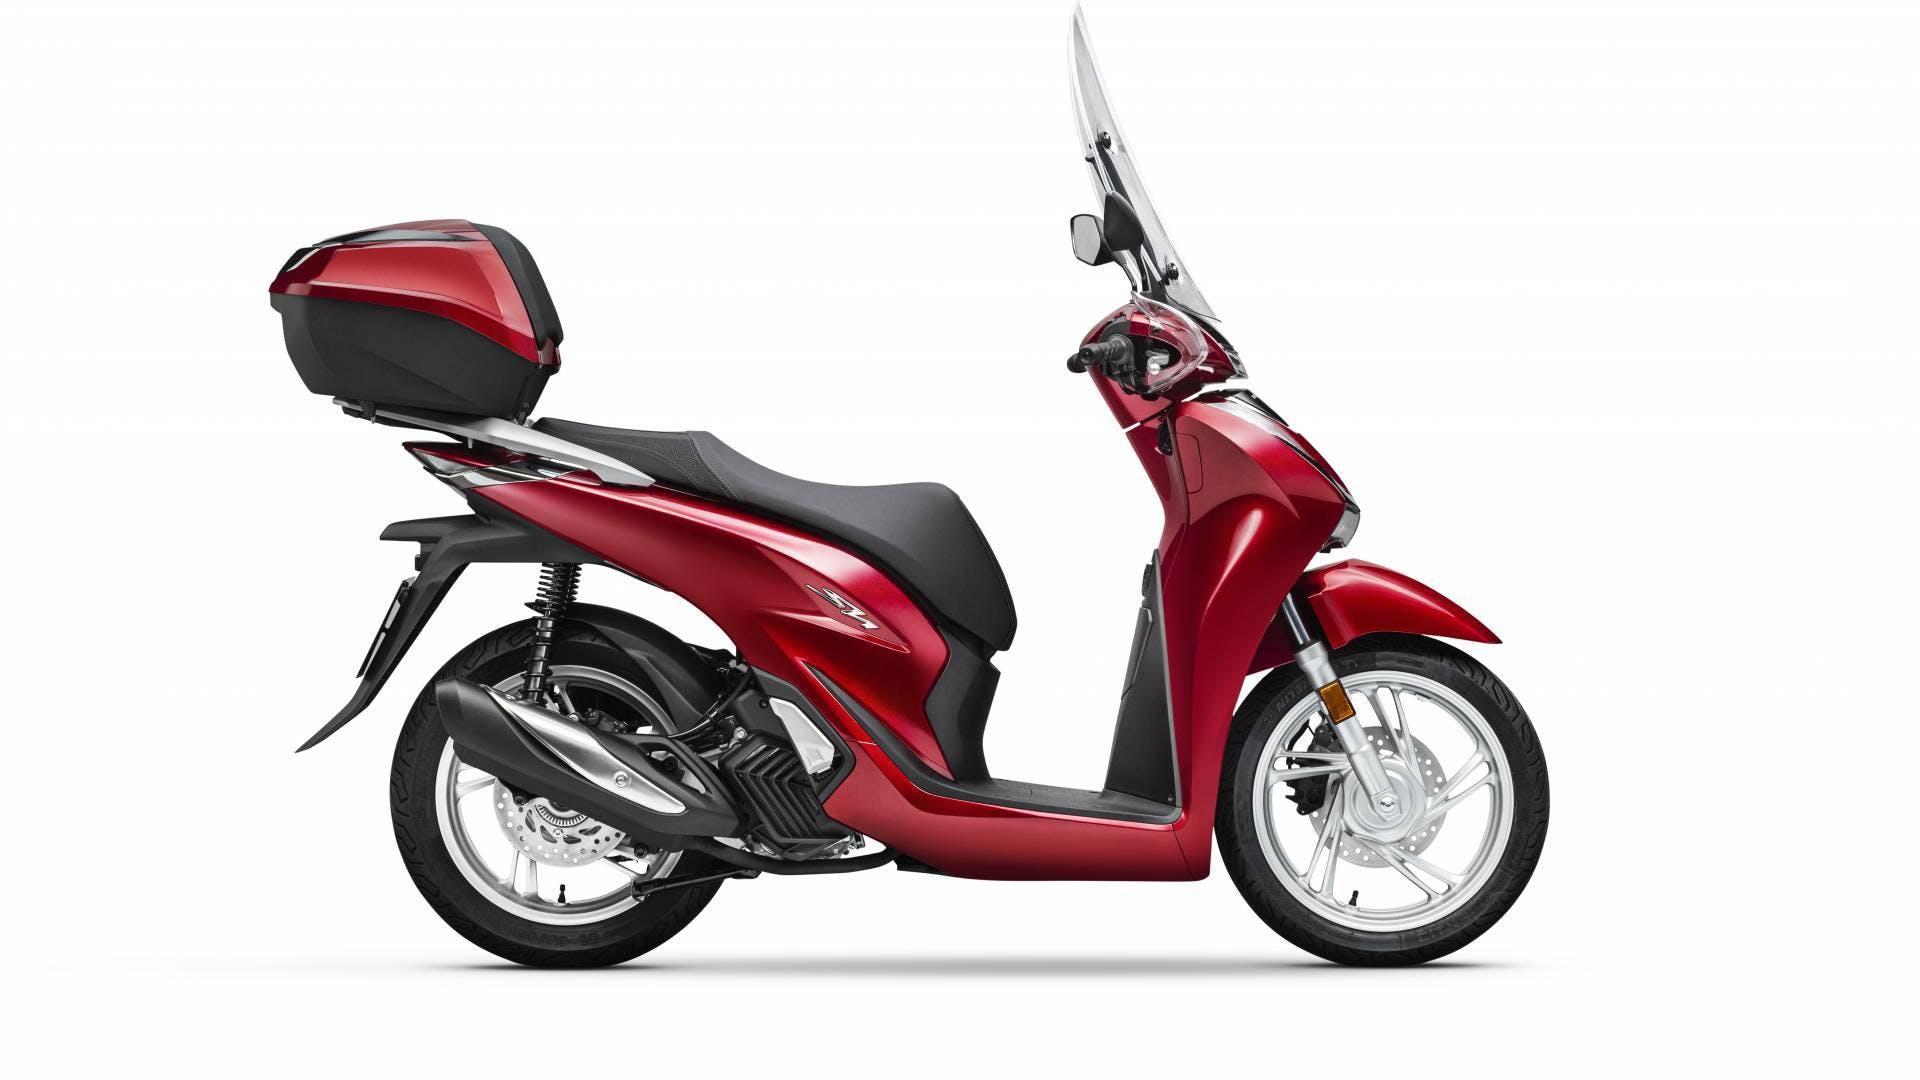 Honda SH 125 150i